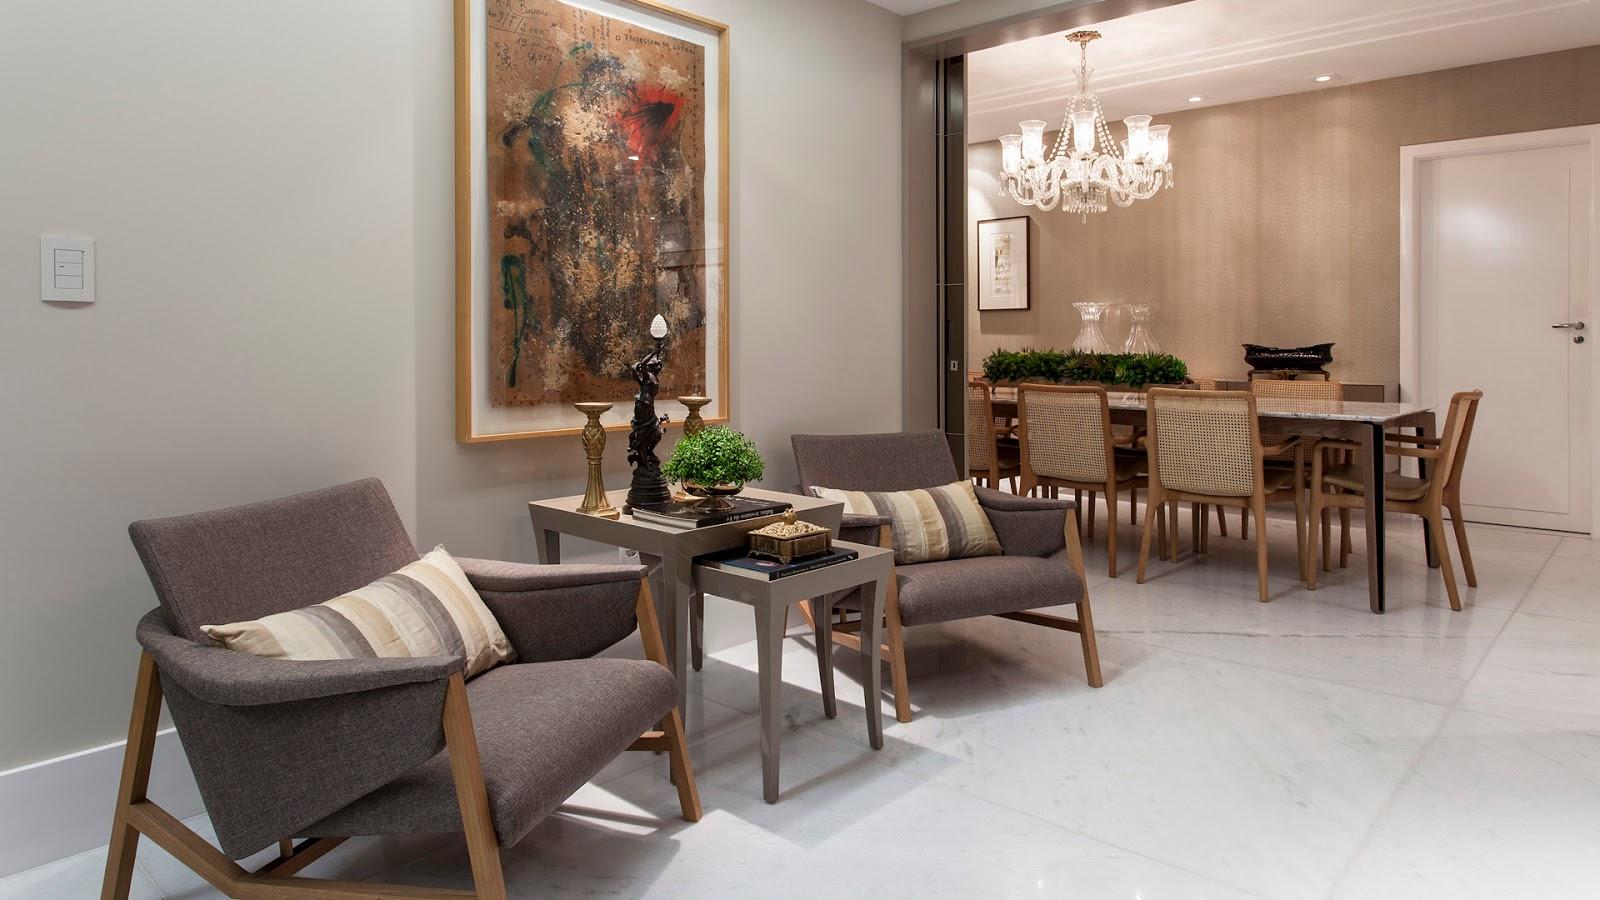 Sala De Estar Tem Tv ~ Salas de estar, jantar, tv, bate papo e varanda decoradas com cor